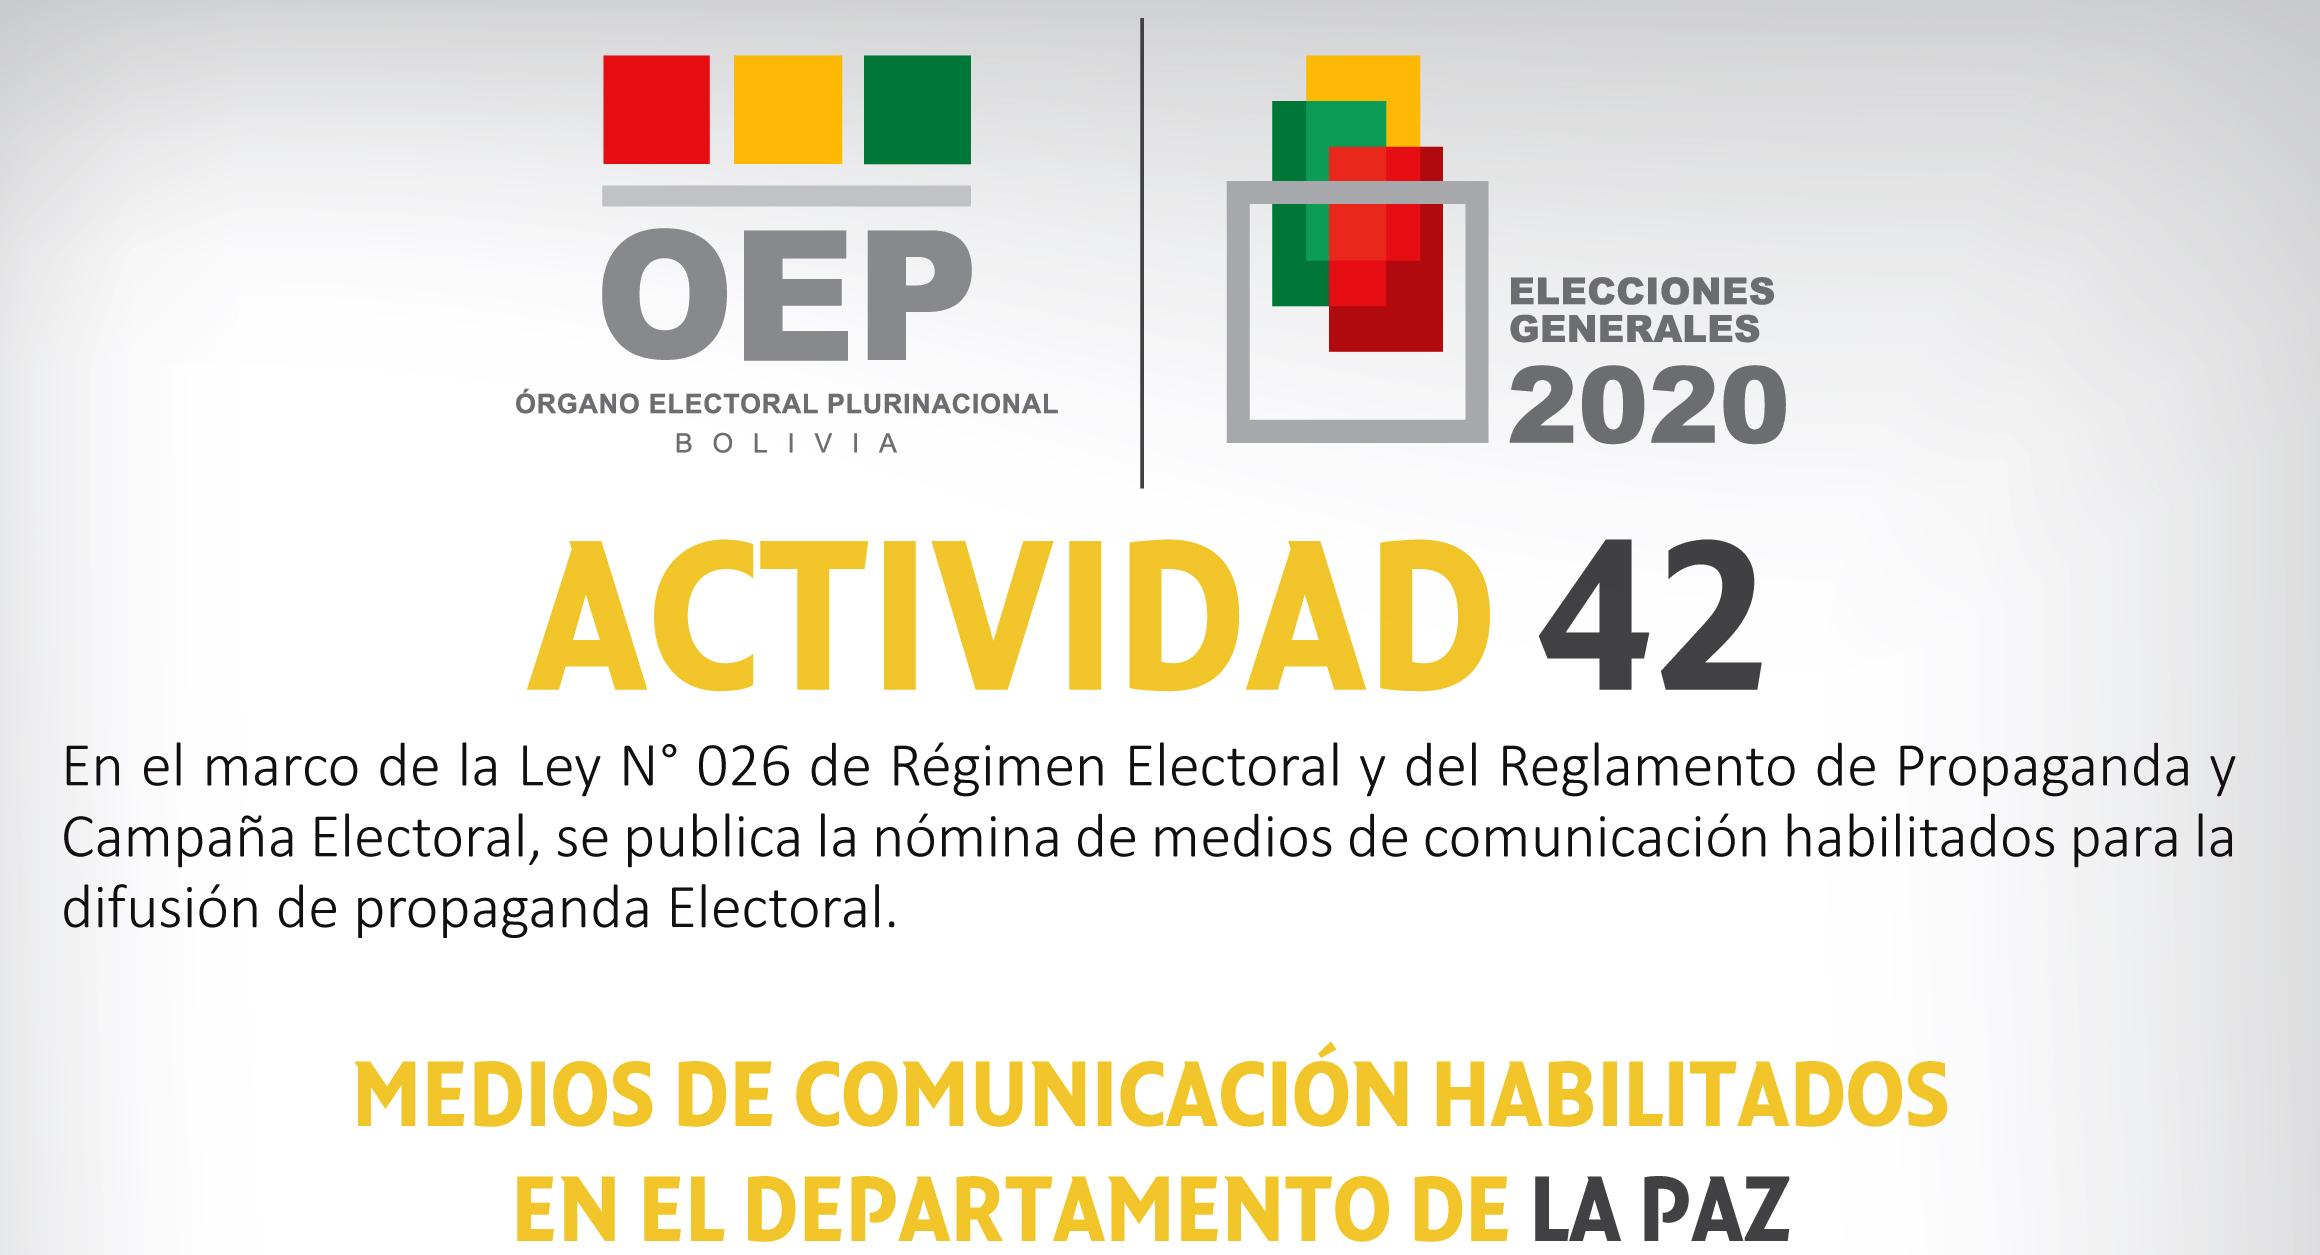 Medios_Habilitados_La_Paz-EG-2020-1